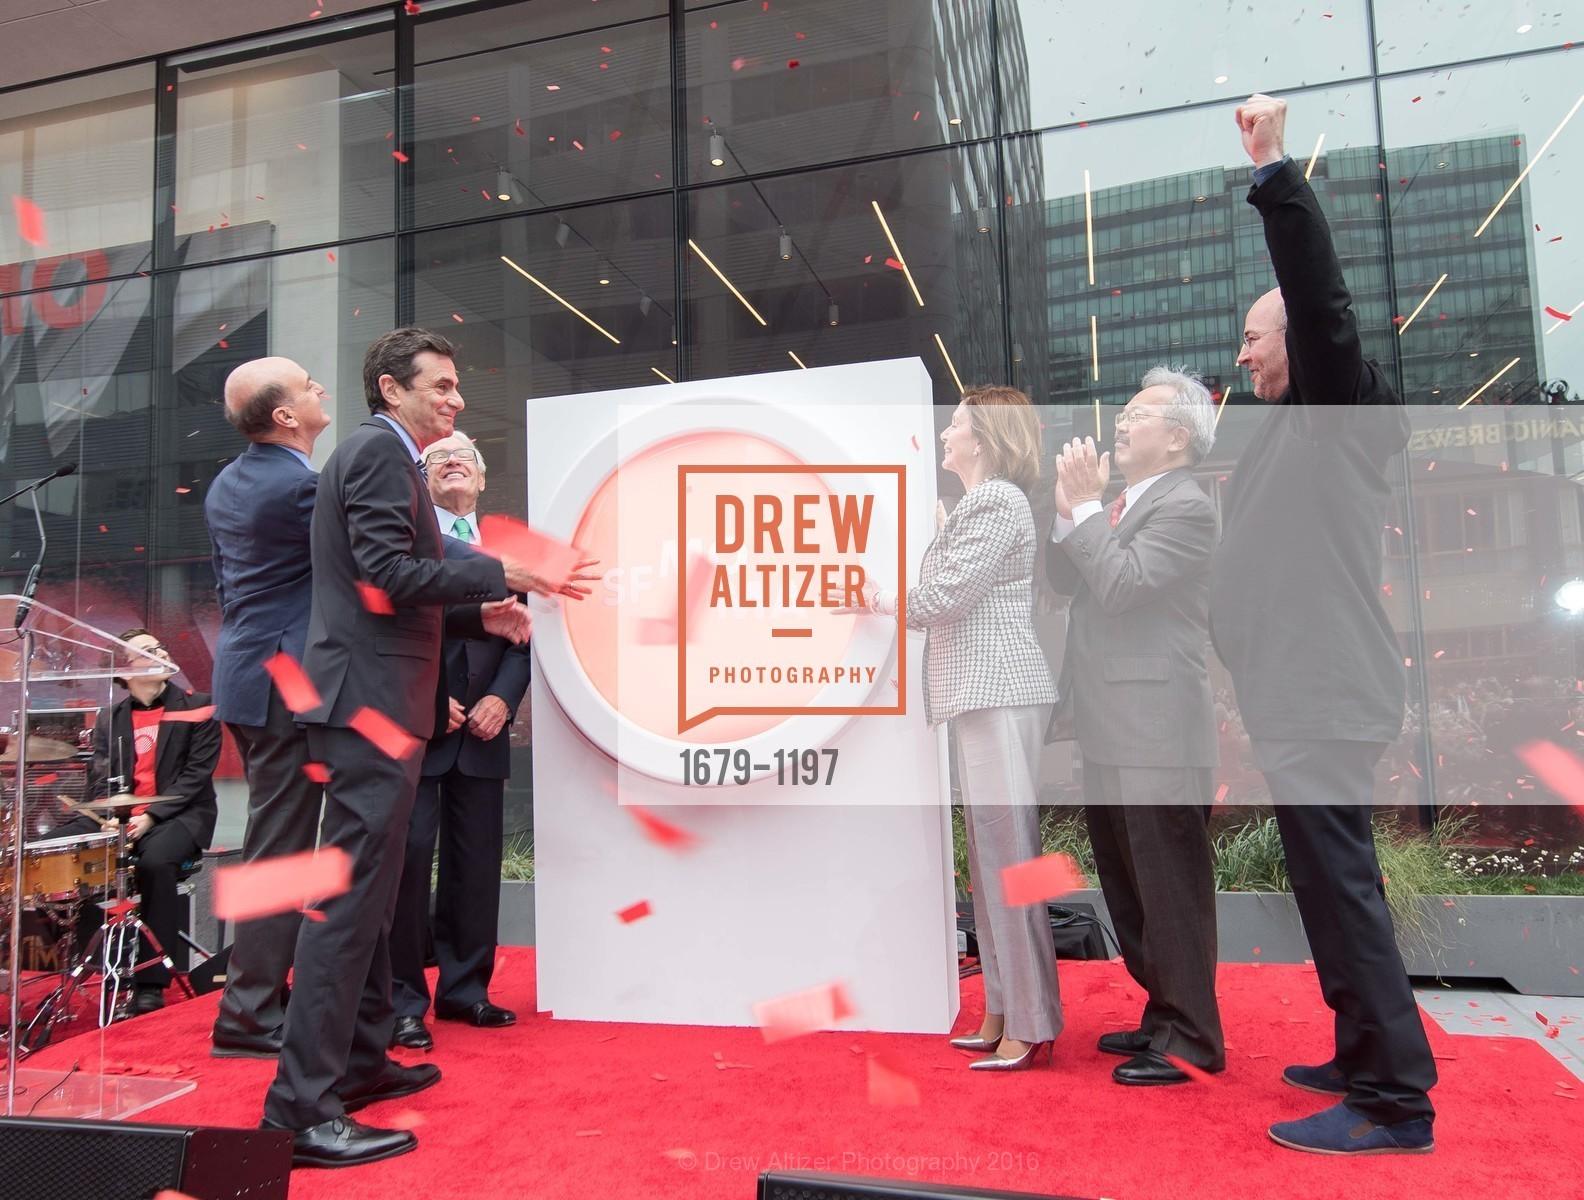 Bob Fisher, Neal Benezra, Nancy Pelosi, Ed Lee, Craig Dykers, Photo #1679-1197